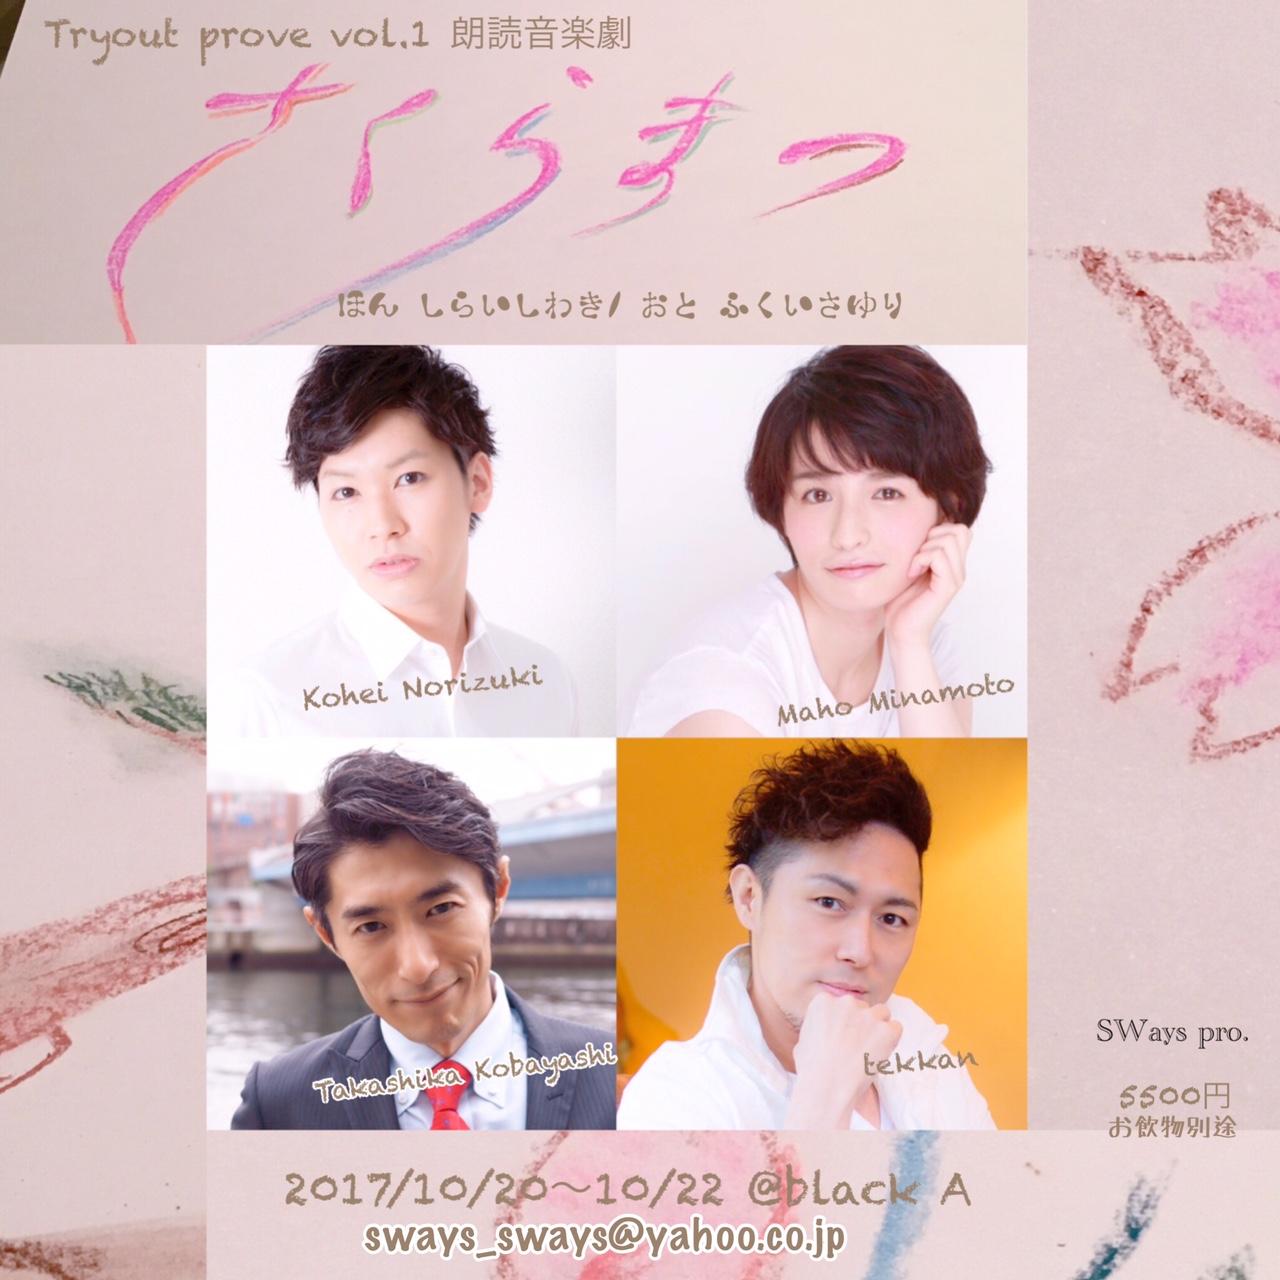 朗読音楽劇『さくらまつ』poduced by Sways project